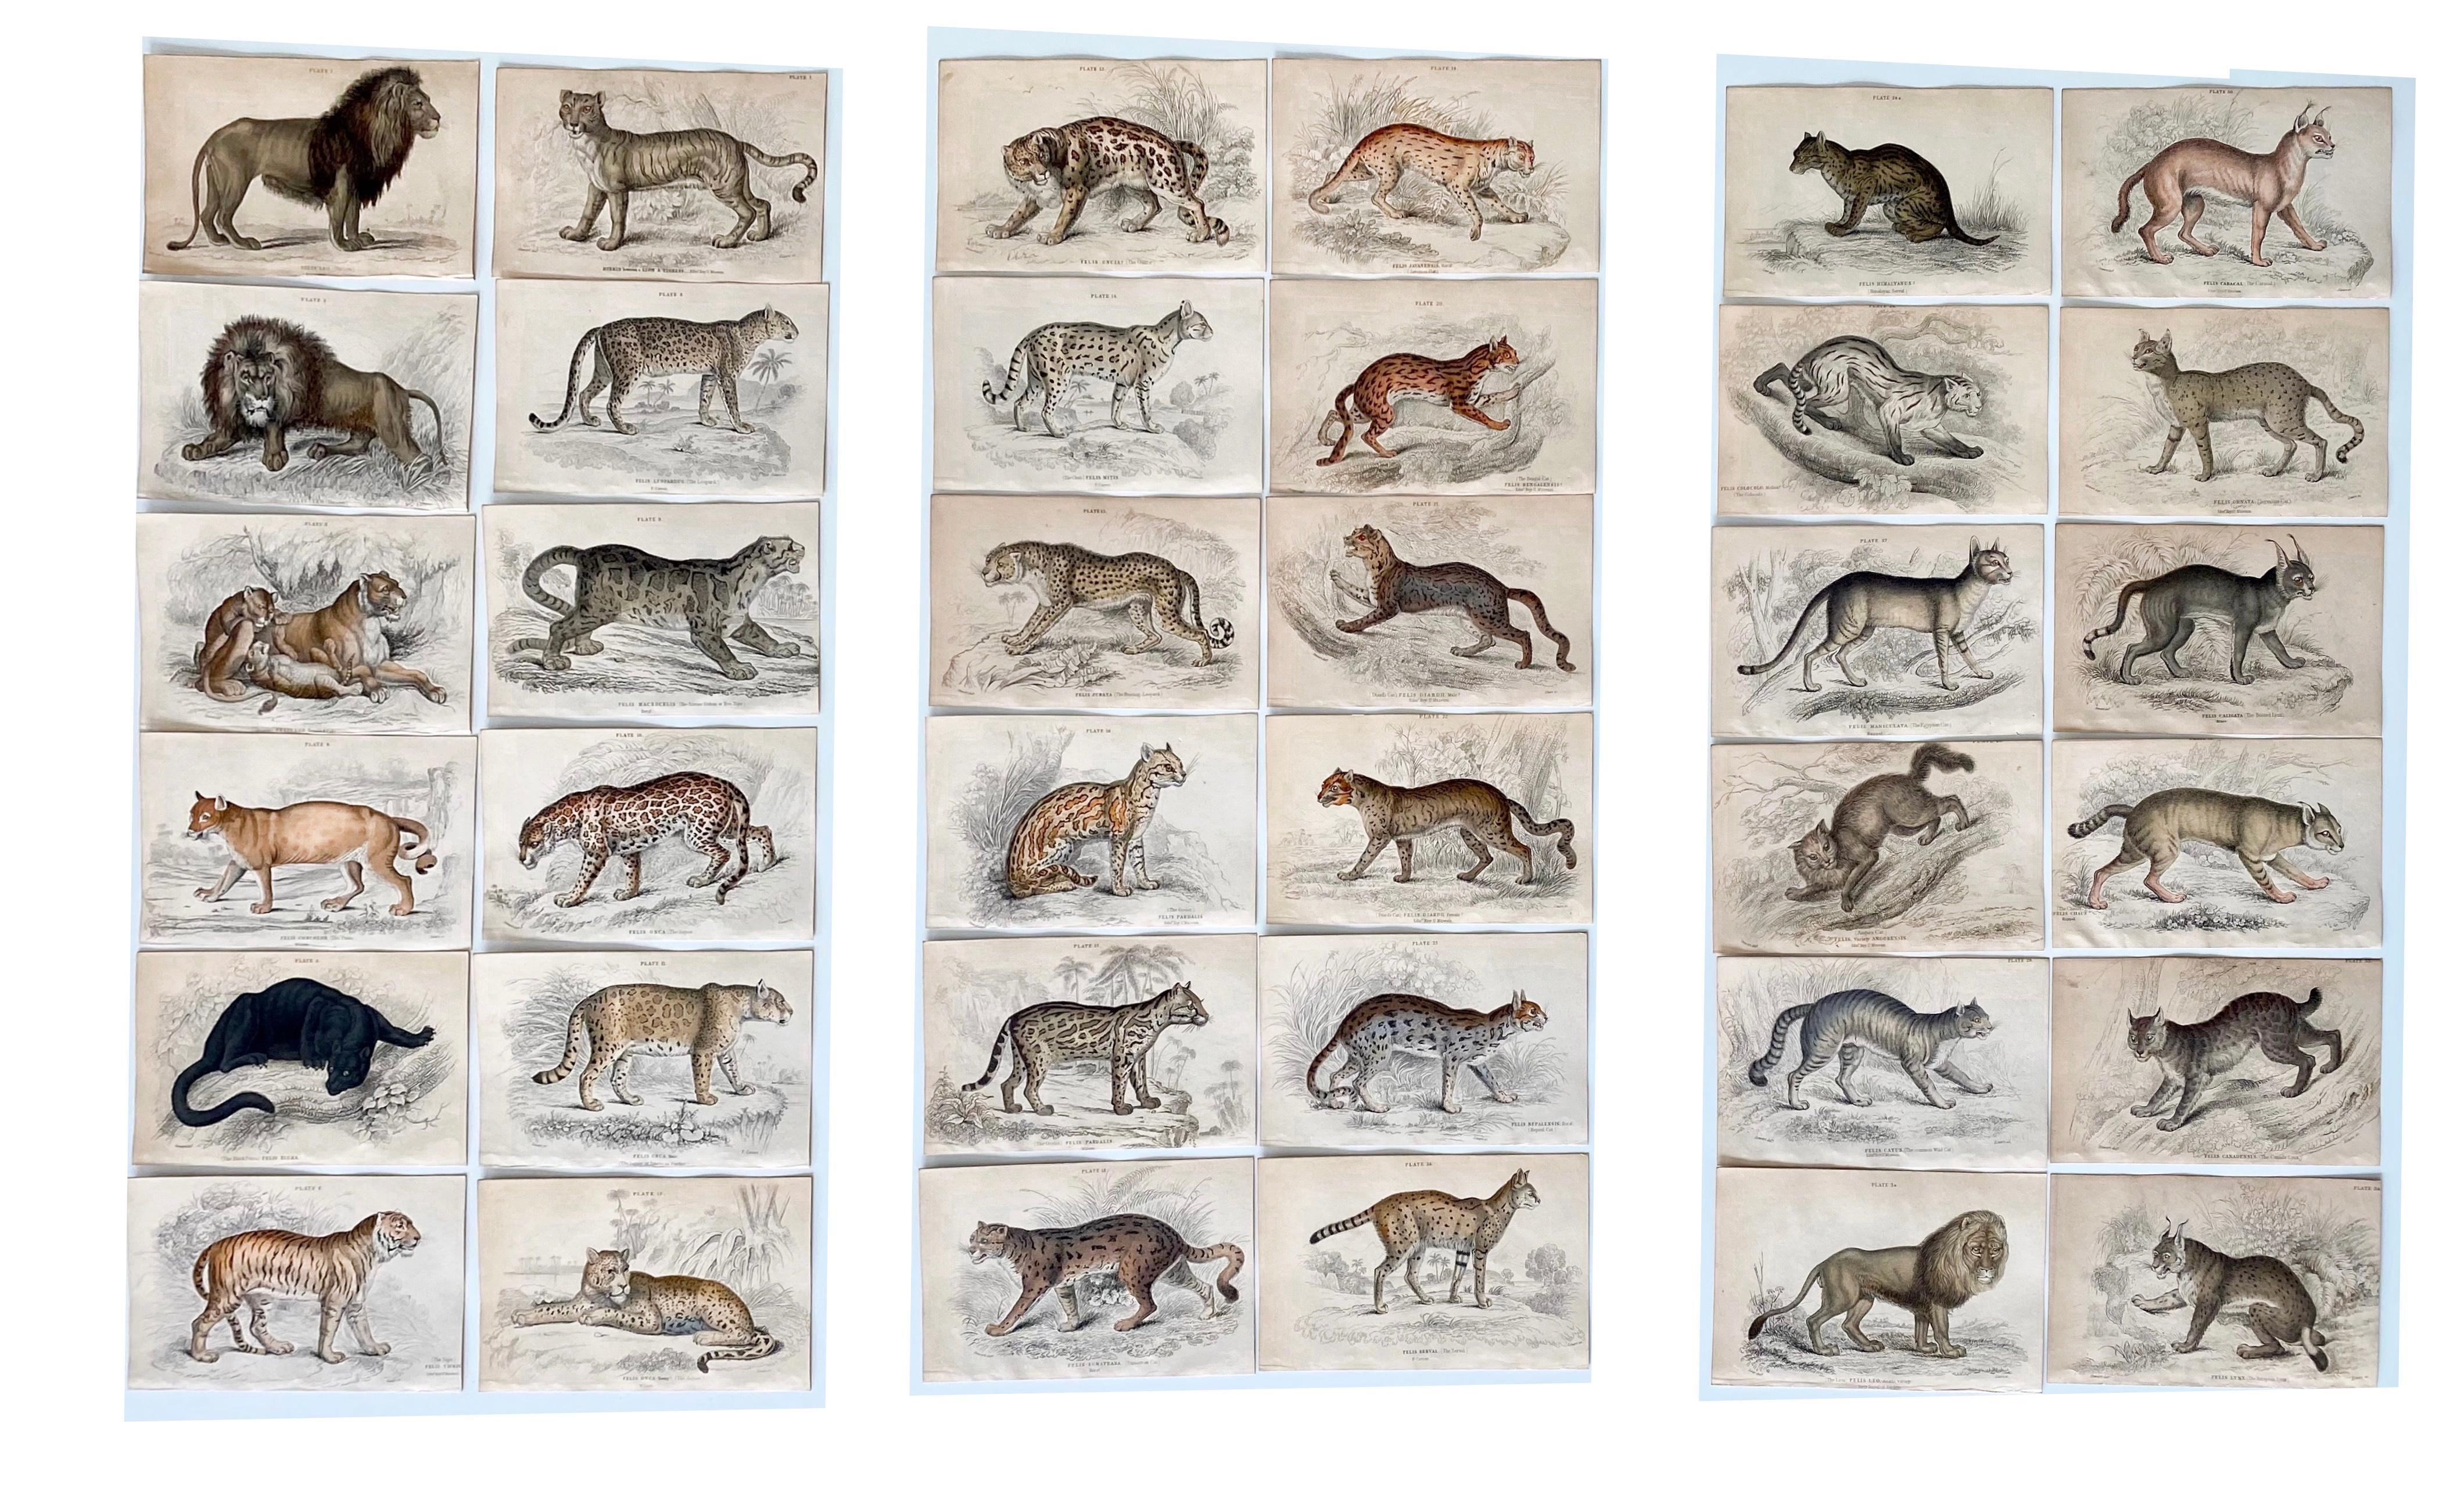 Antique Prints of Rare Felines - Big Cats - Exotic Tropical Lion Tiger Puma